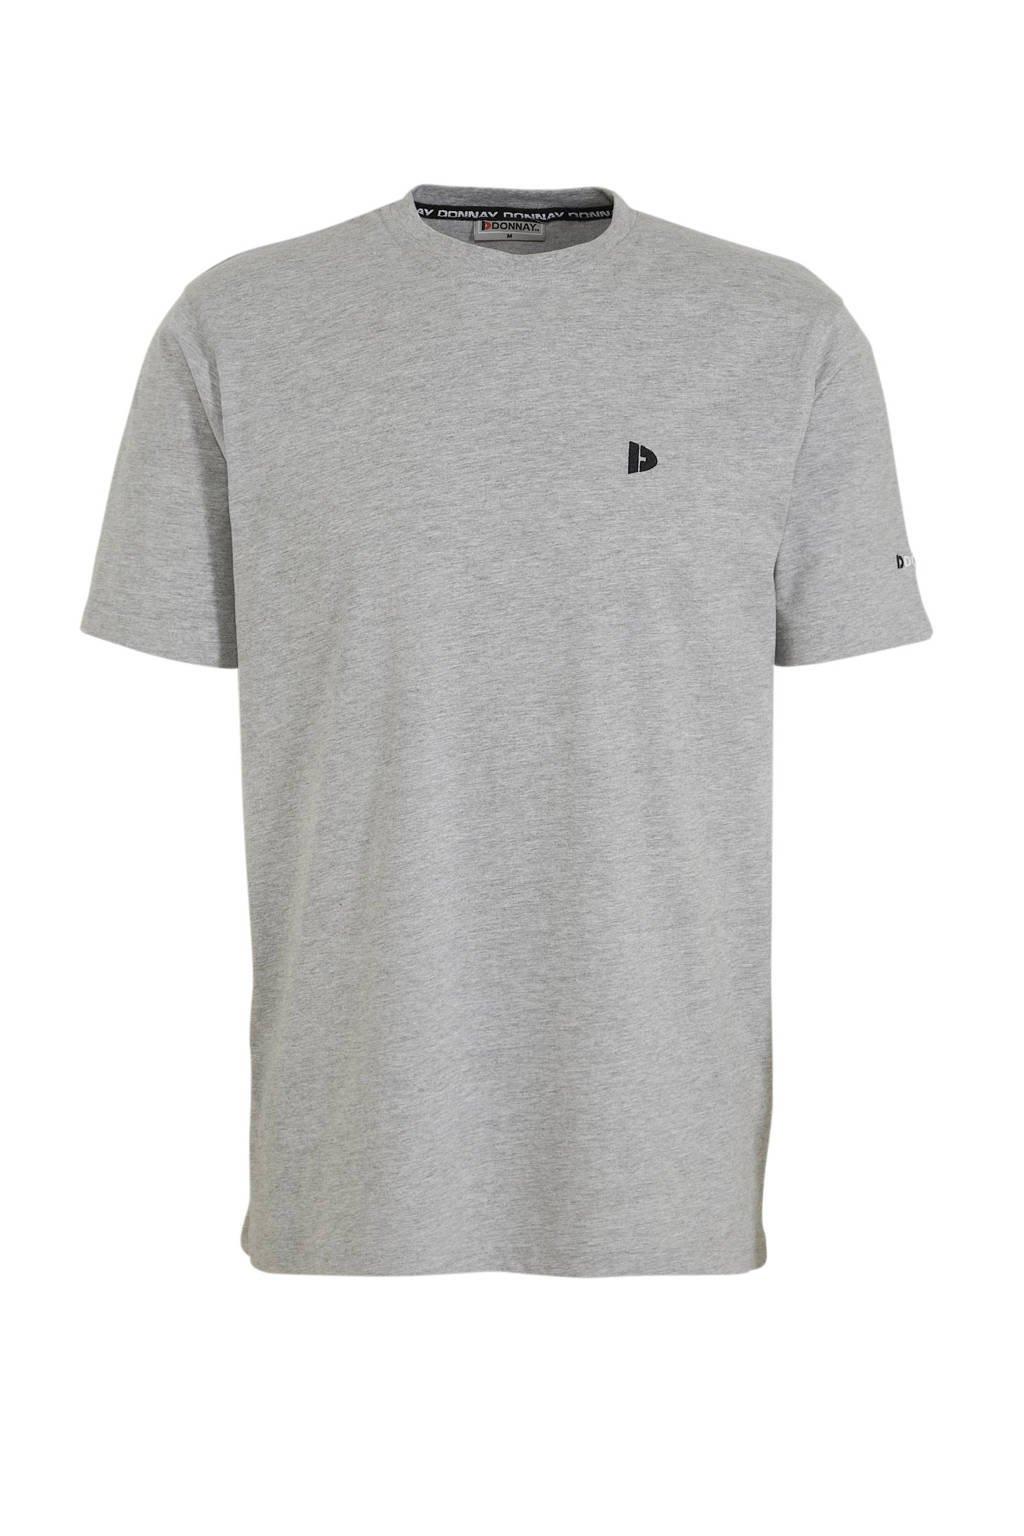 Donnay   sport T-shirt grijs, Grijs